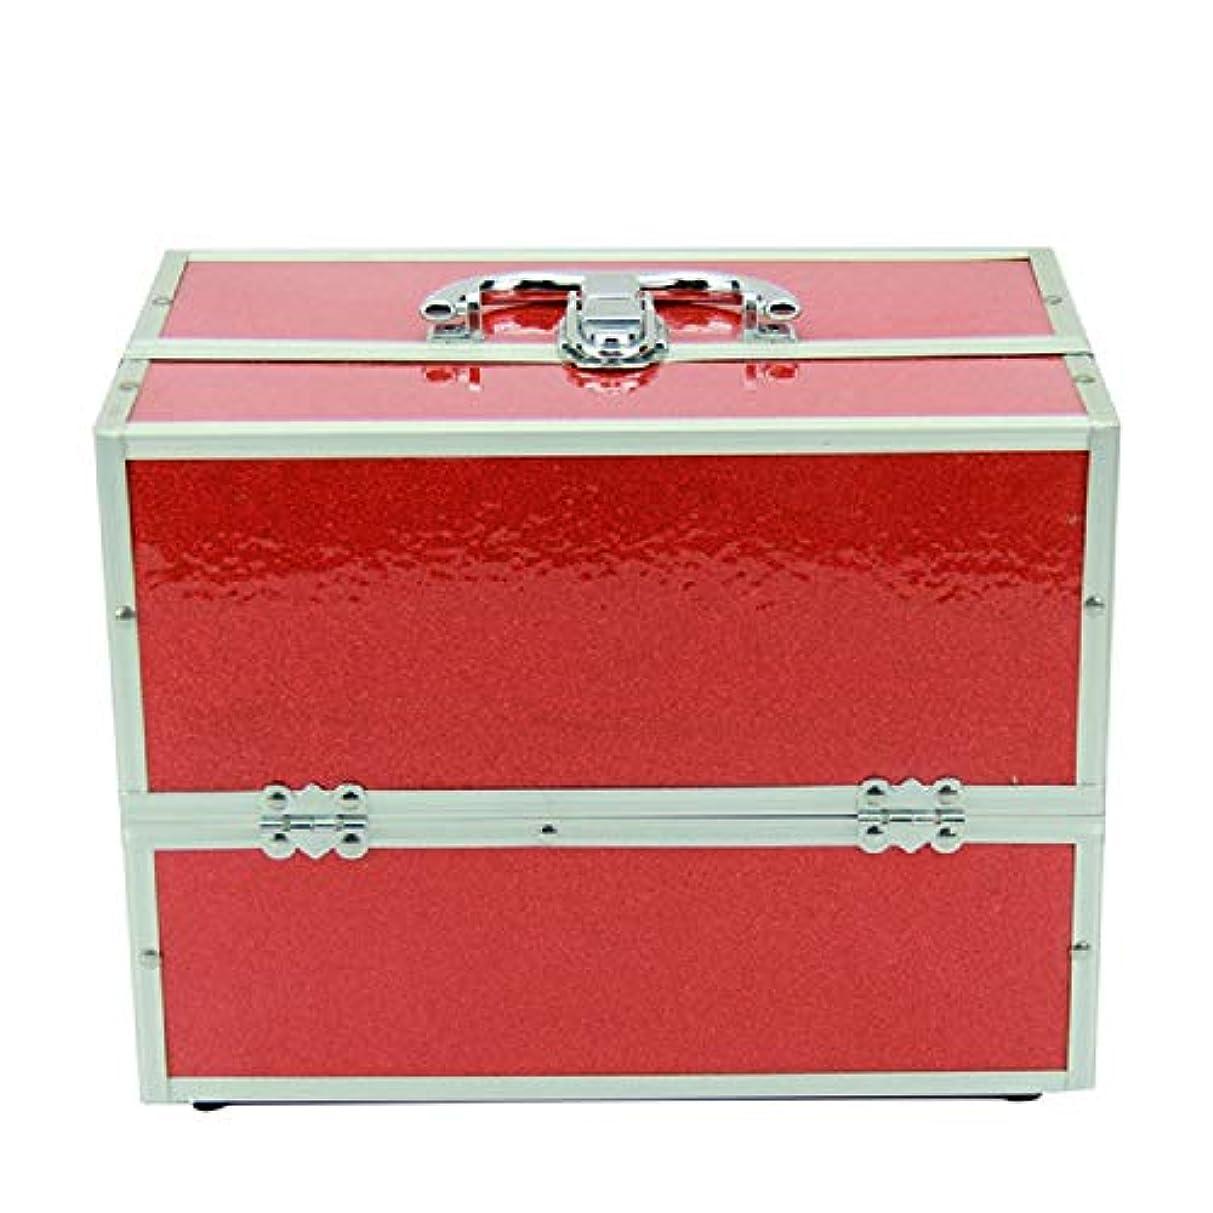 同情さようならヨーグルト化粧オーガナイザーバッグ 純粋な色ポータブル化粧品ケーストラベルアクセサリーシャンプーボディウォッシュパーソナルアイテムストレージロックとスライディングトレイ 化粧品ケース